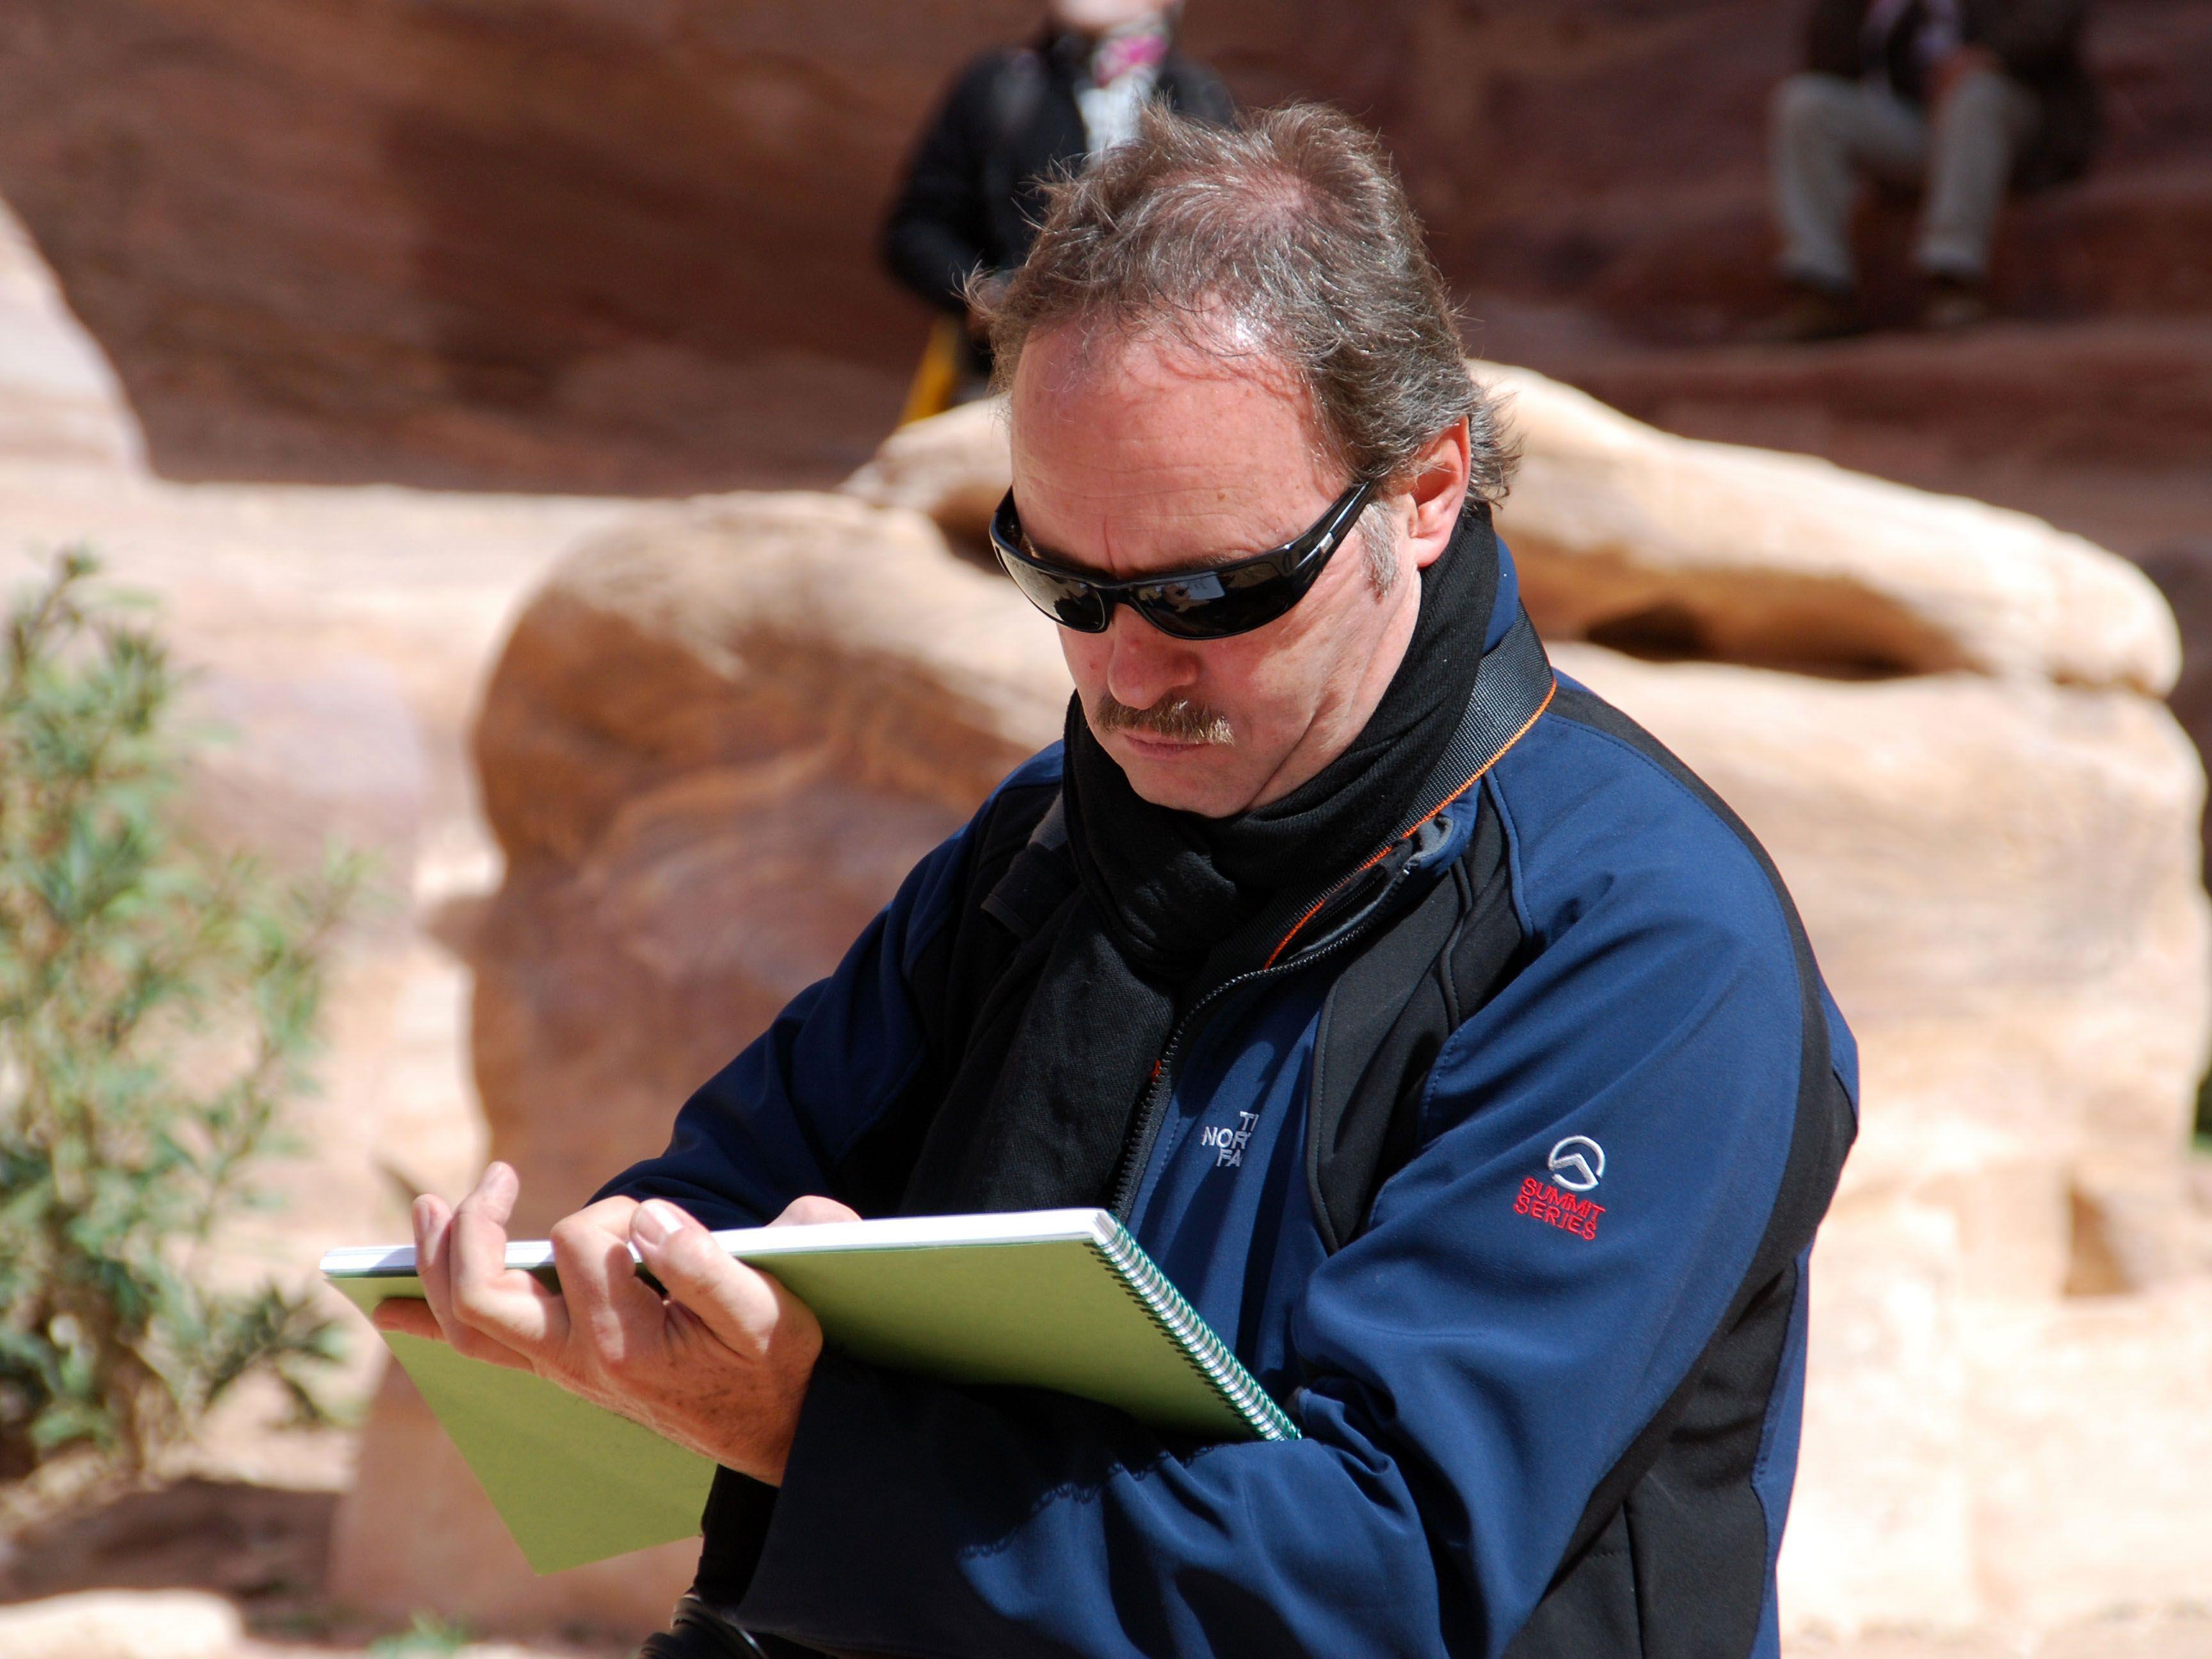 Gerhard Mangold mit Zeichenblock bei einer Studienreise in Petra/Jordanien.